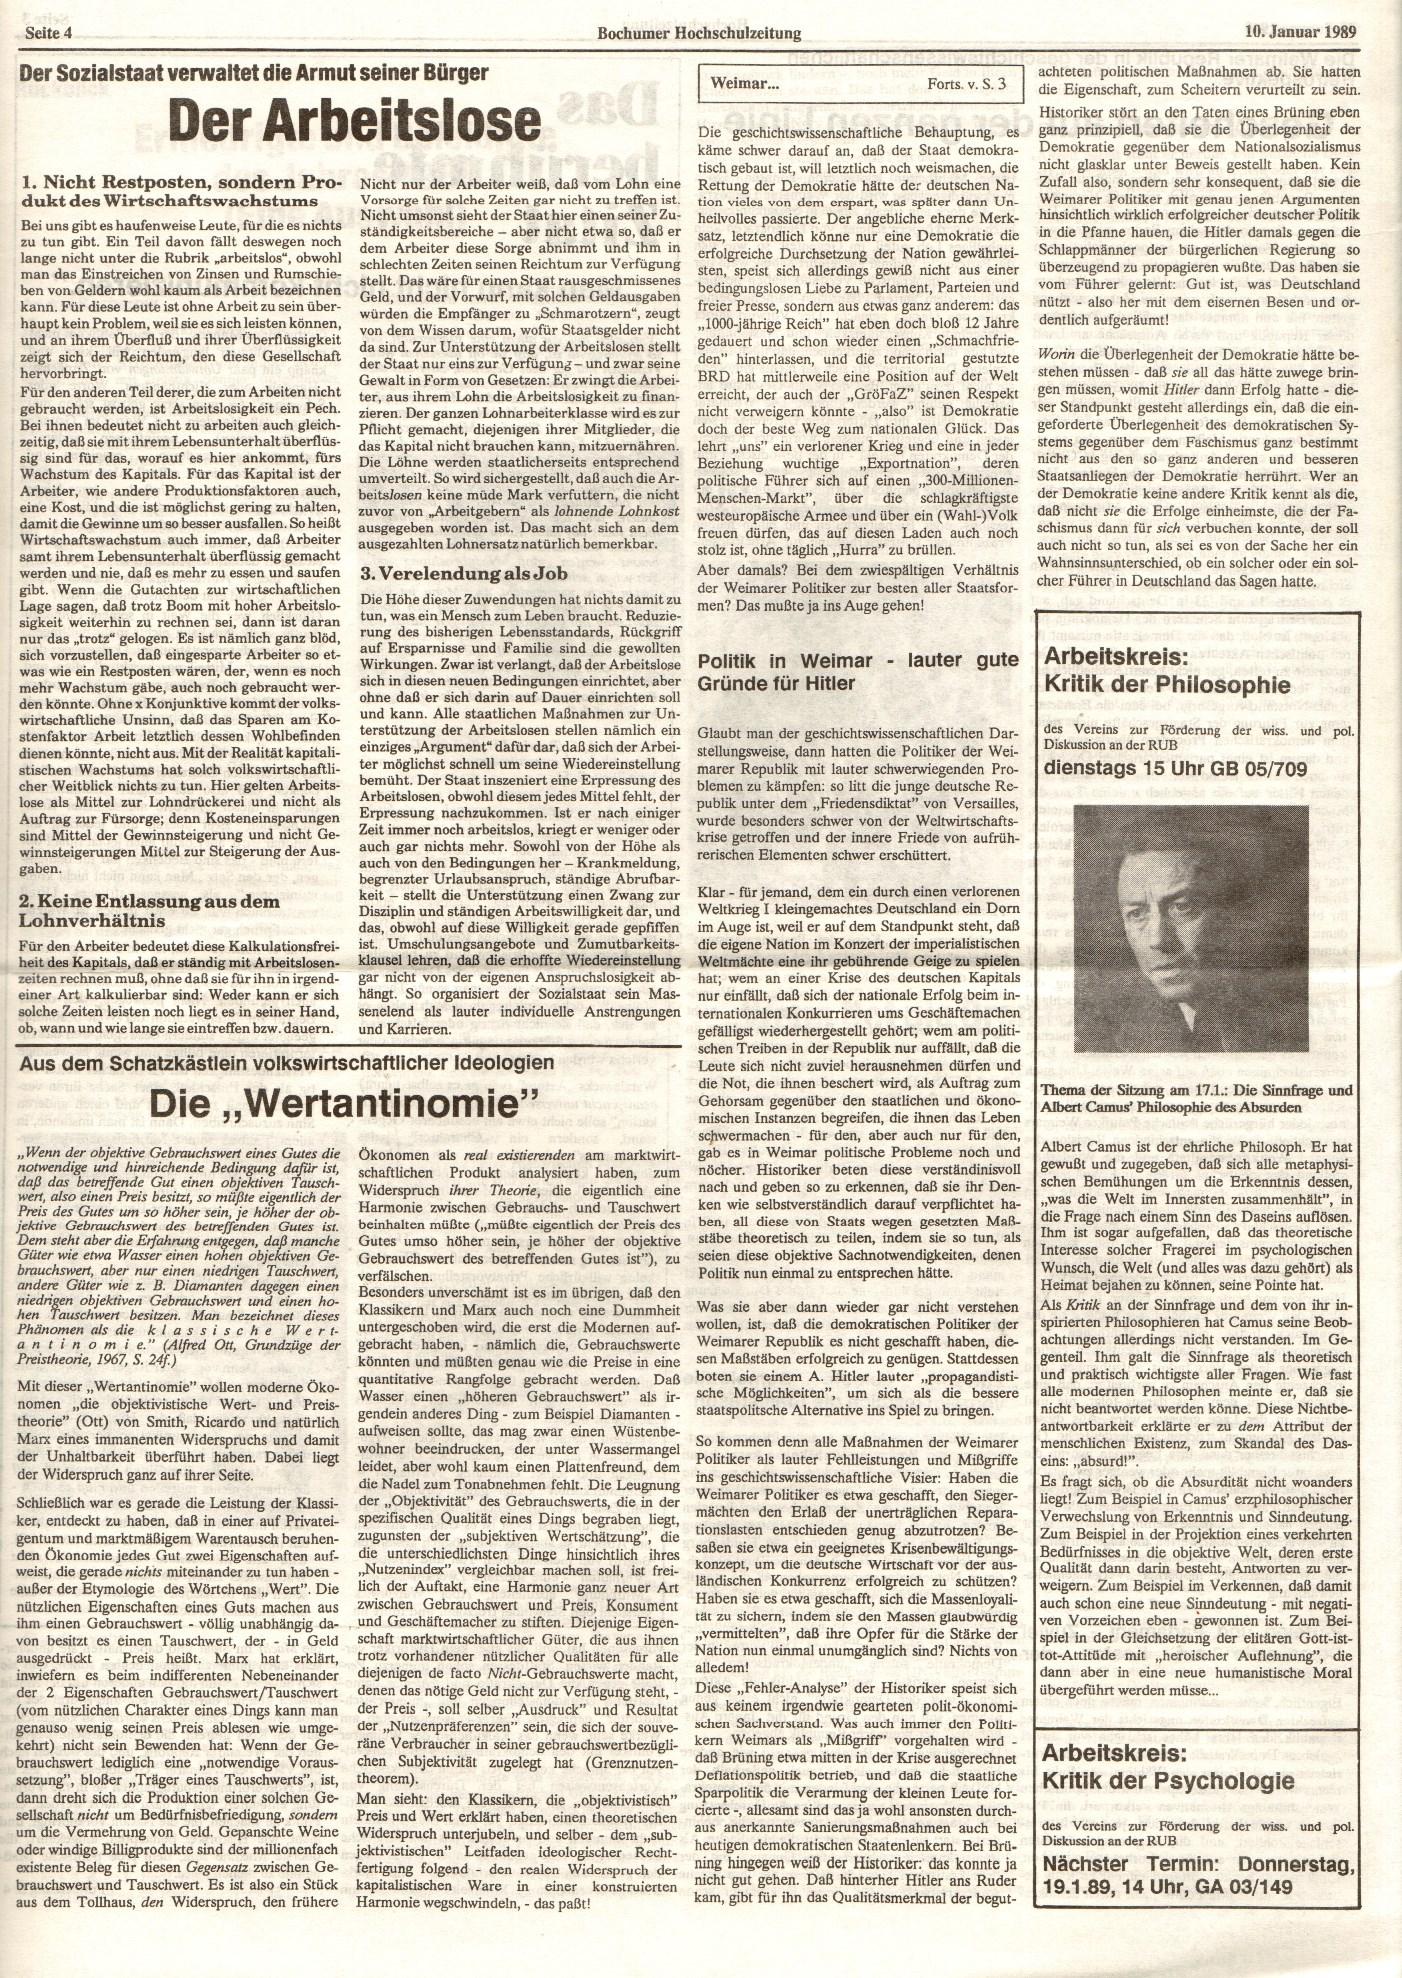 MG_Bochumer_Hochschulzeitung_19890110_04